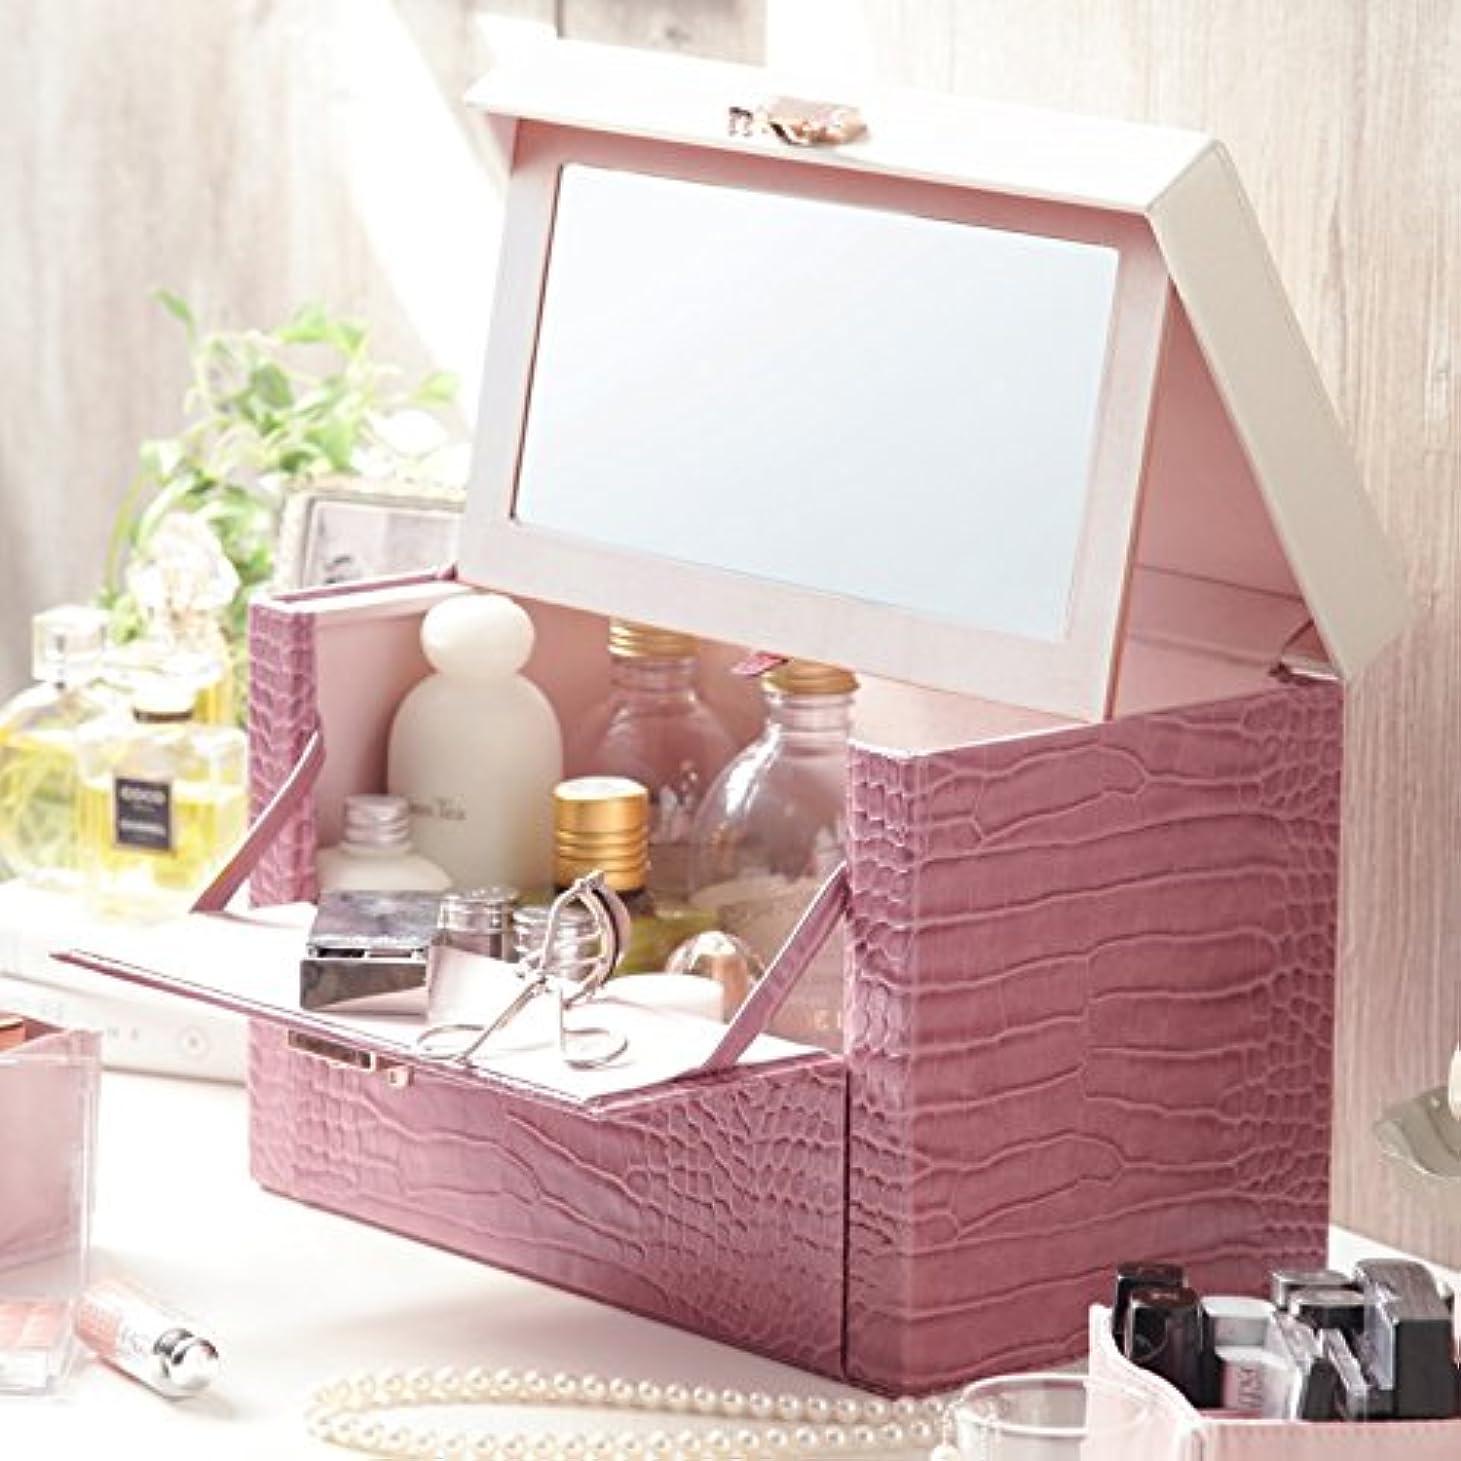 船尾ペルータヒチおしゃれな 鏡付き クロコ柄 メイクボックス ピンク